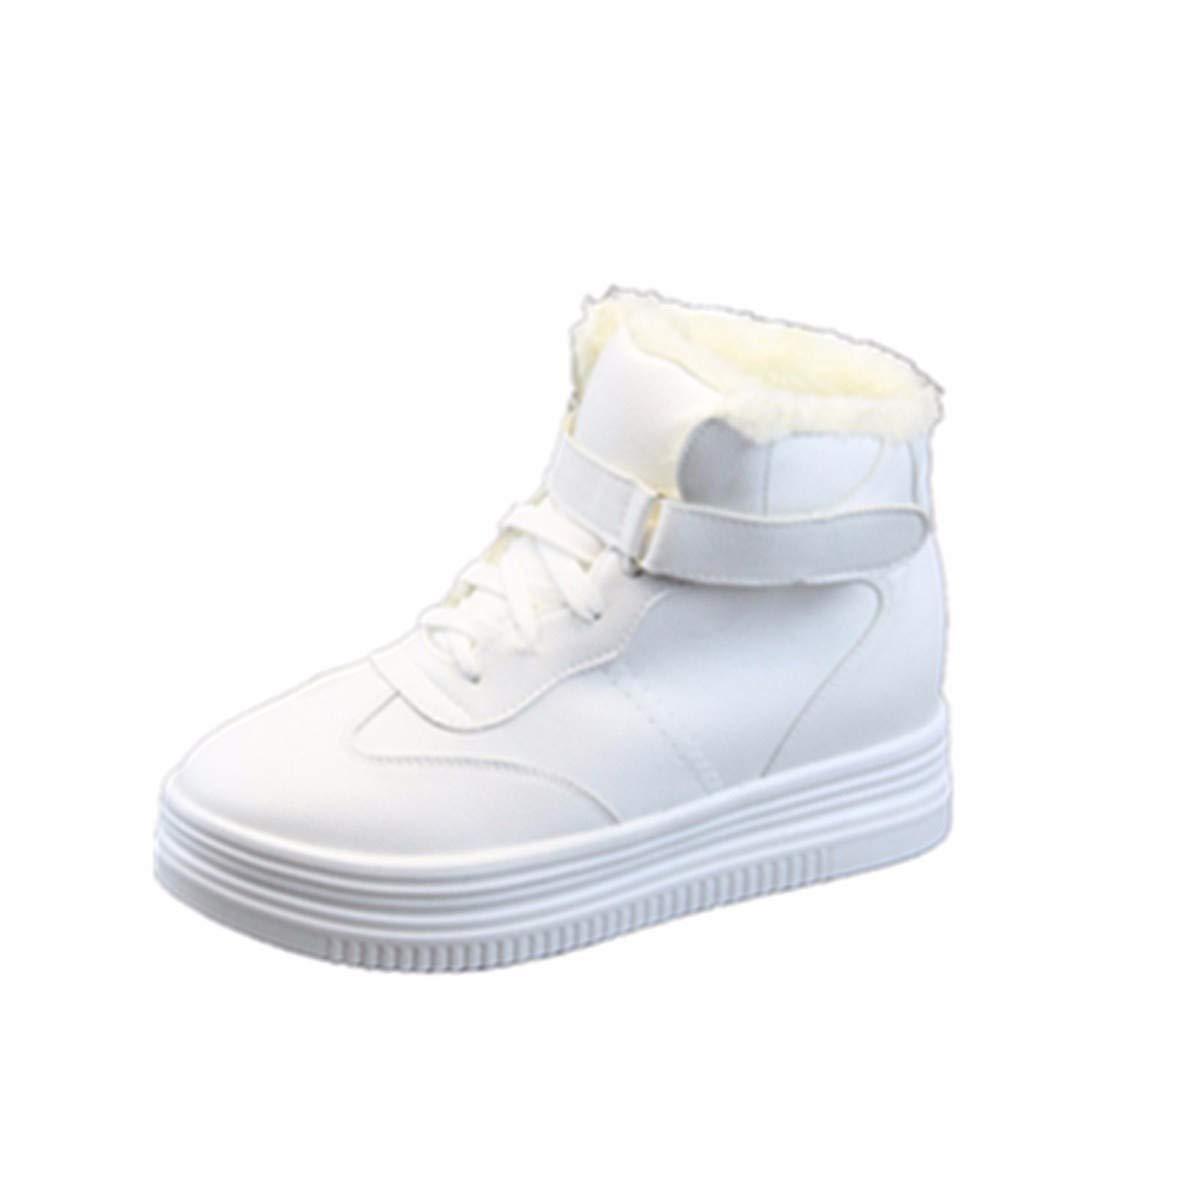 KPHY Damenschuhe/Damenschuhe Wintersport Casual Schuhen SAMT Hohe Schuhe Baumwolle Schuhe Höhere